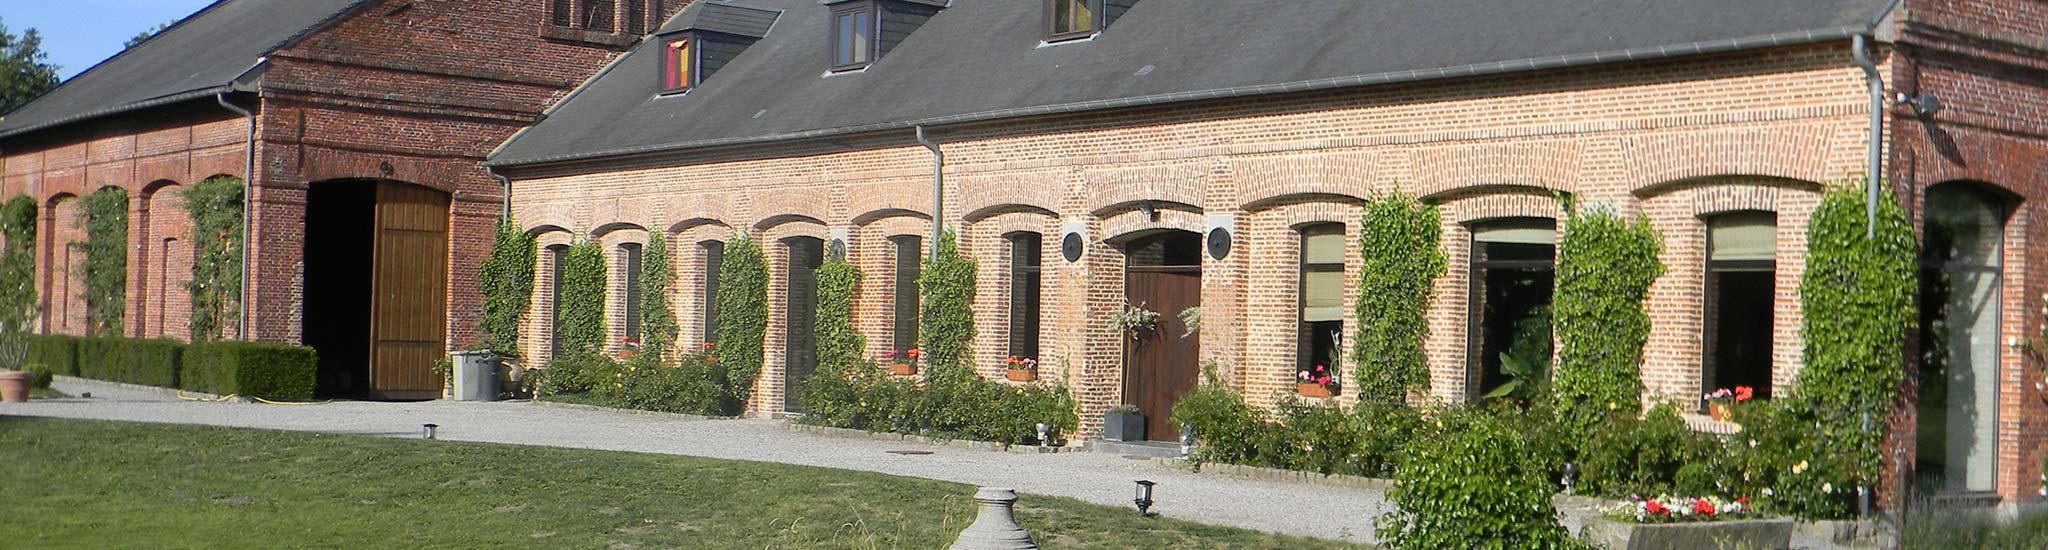 MERIGNIES - 59246 La P�v�le secteur tr�s c�t� � 20 kilom�tres de Lille, � deux pas du go...